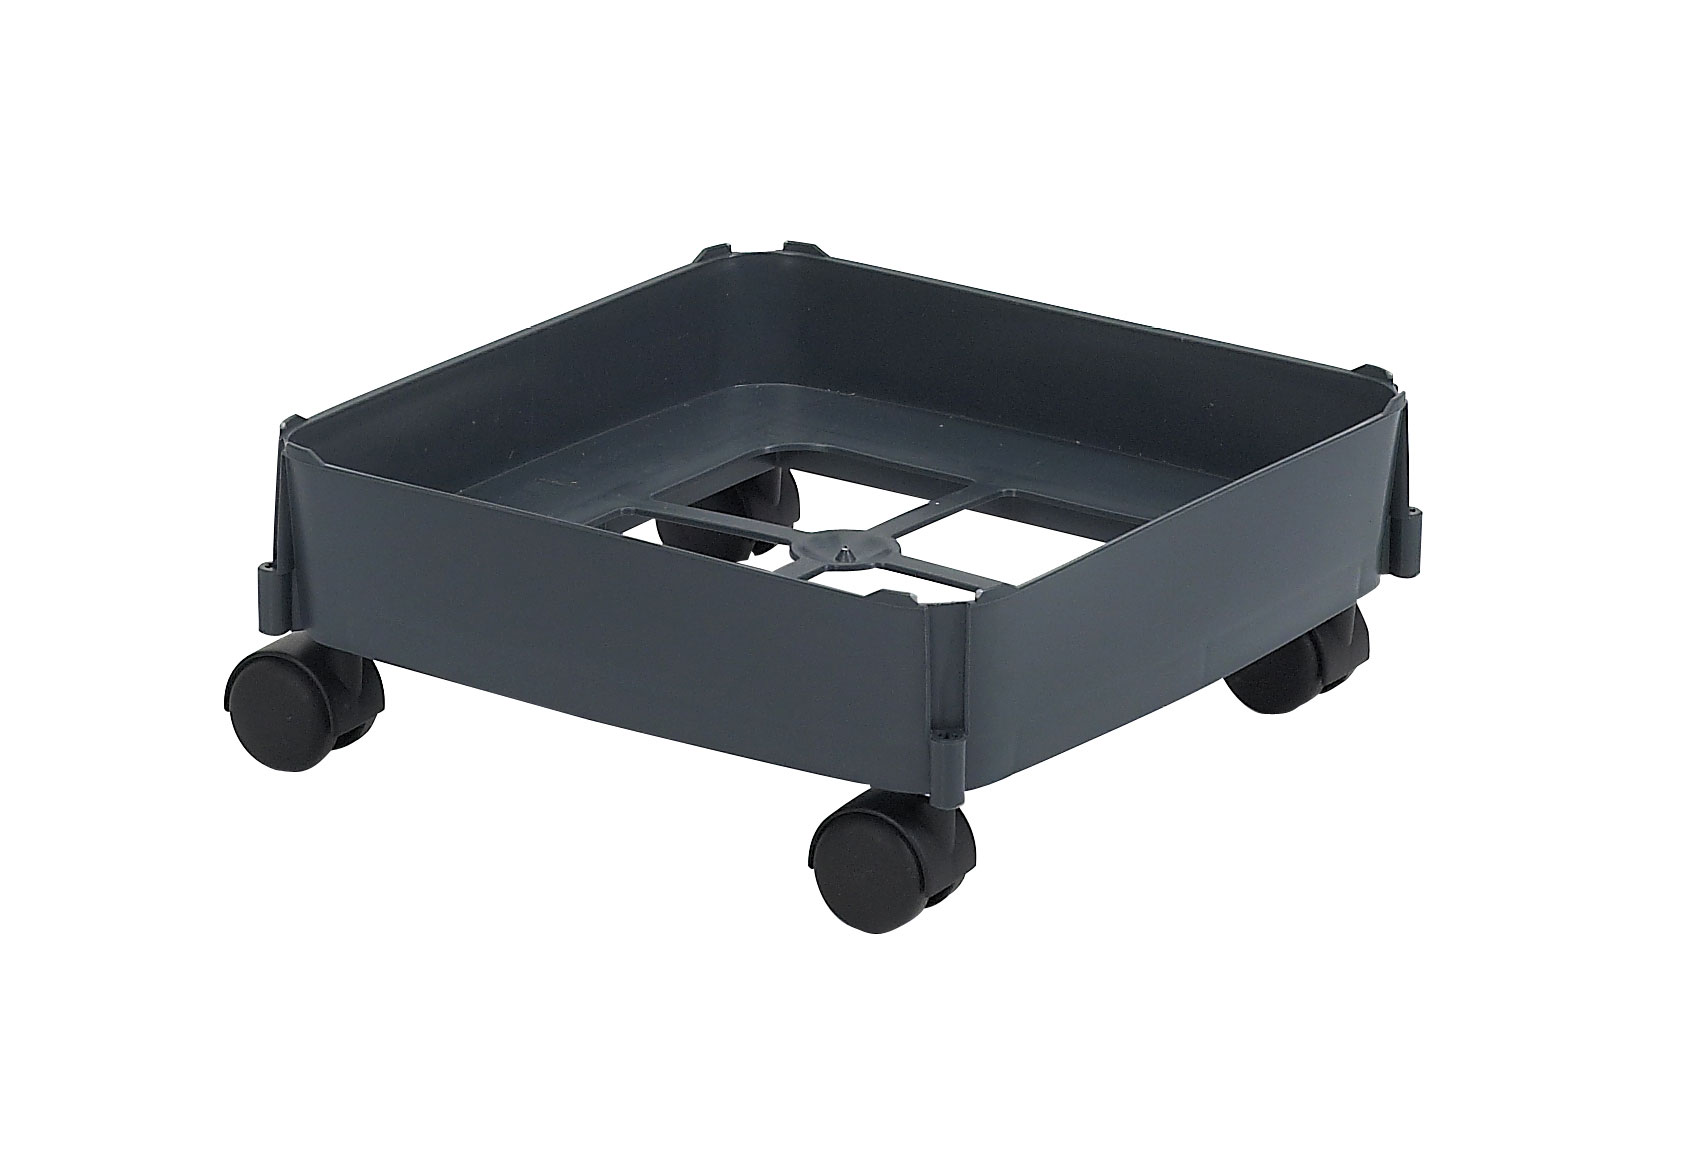 Fahrwagen für Mehrzweck-Behälter 90Liter grau harte Rollen Graf 778107 Bild 1